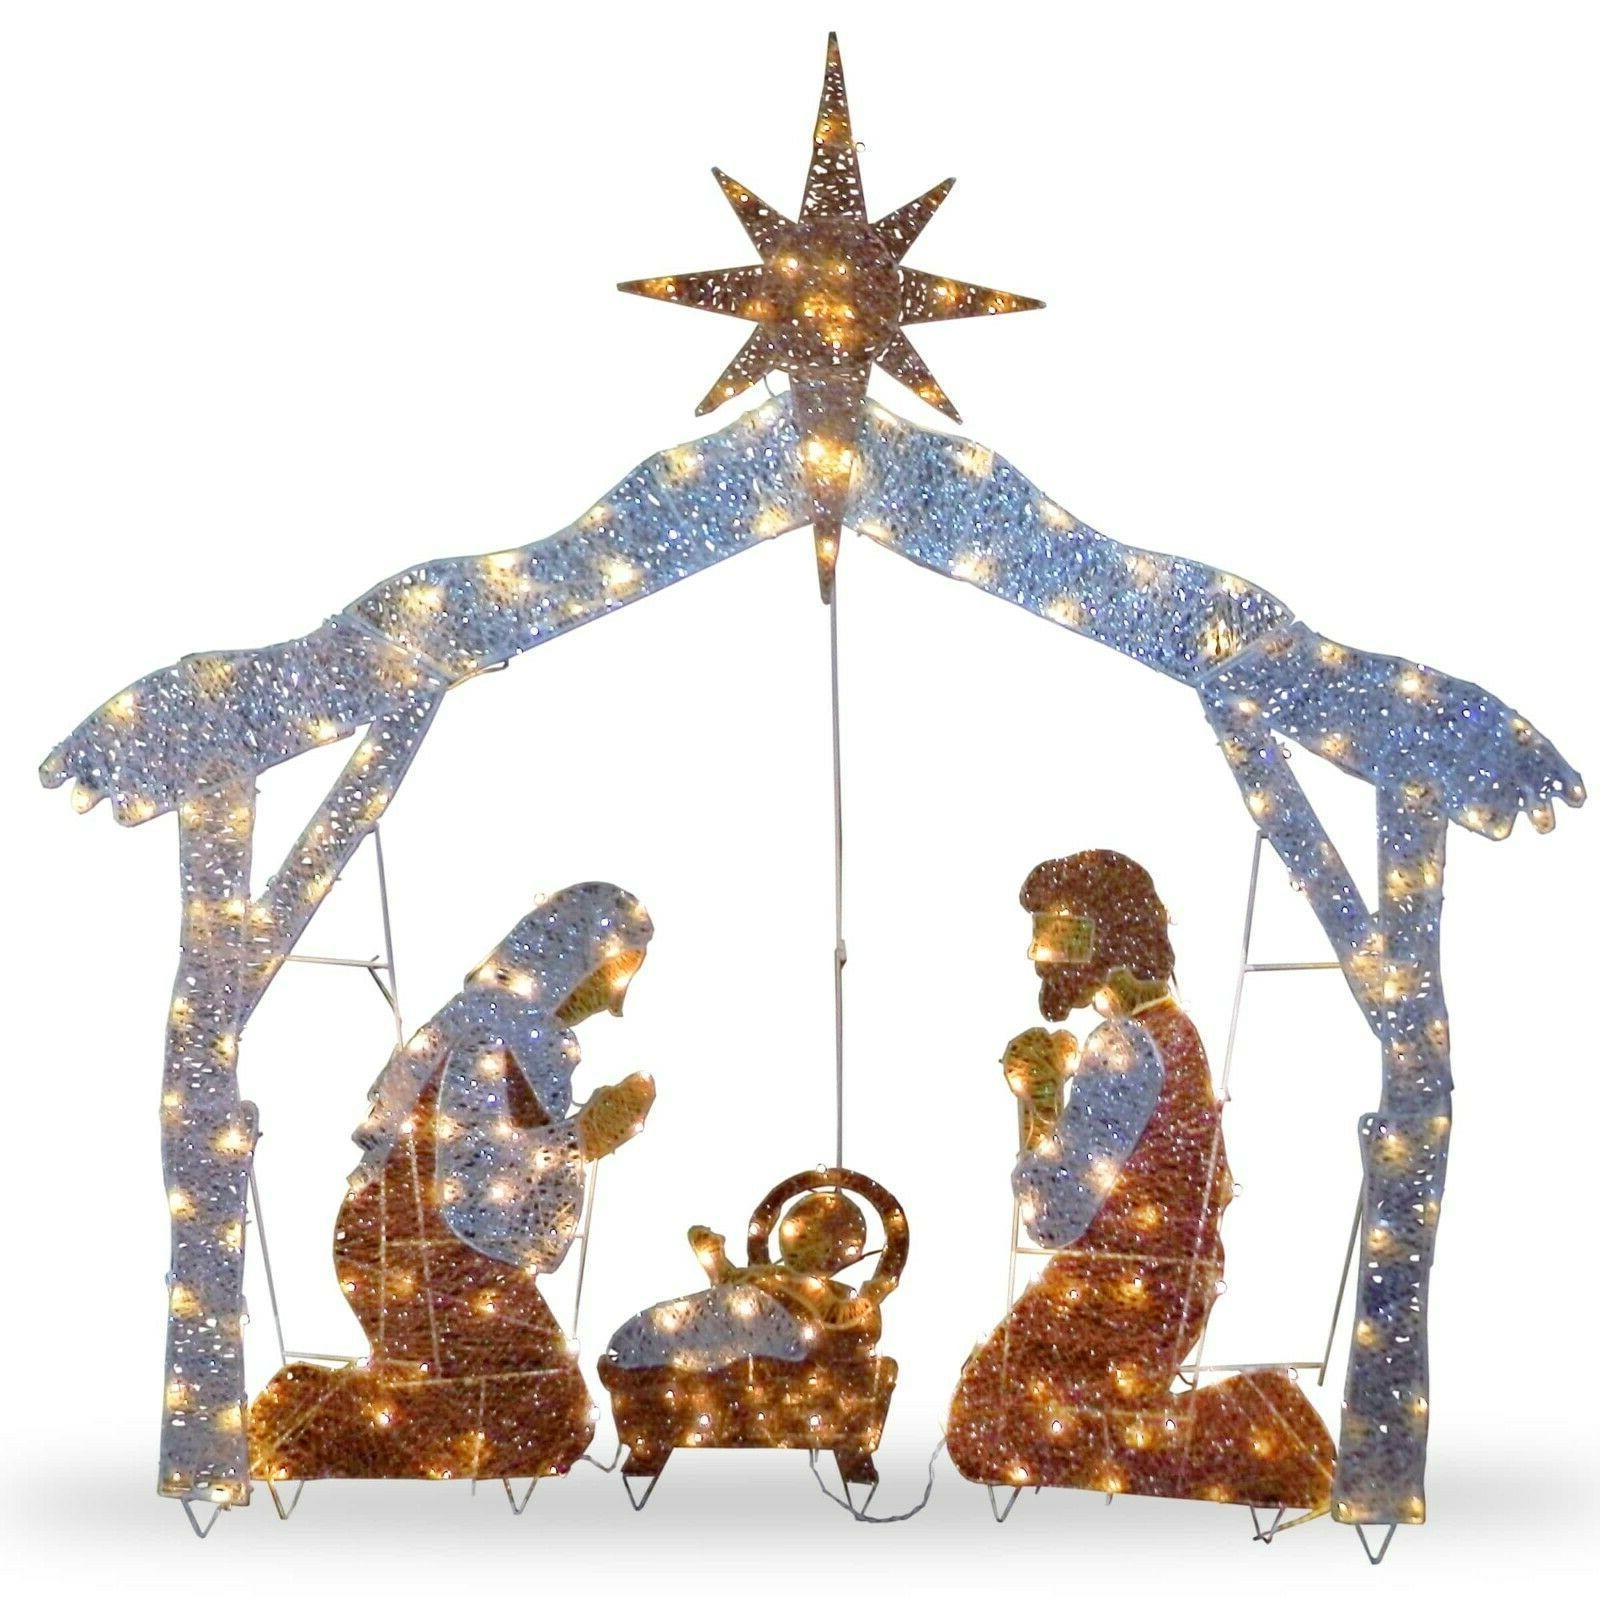 Outdoor Life Size Christmas Holiday Nativity Illuminated LED